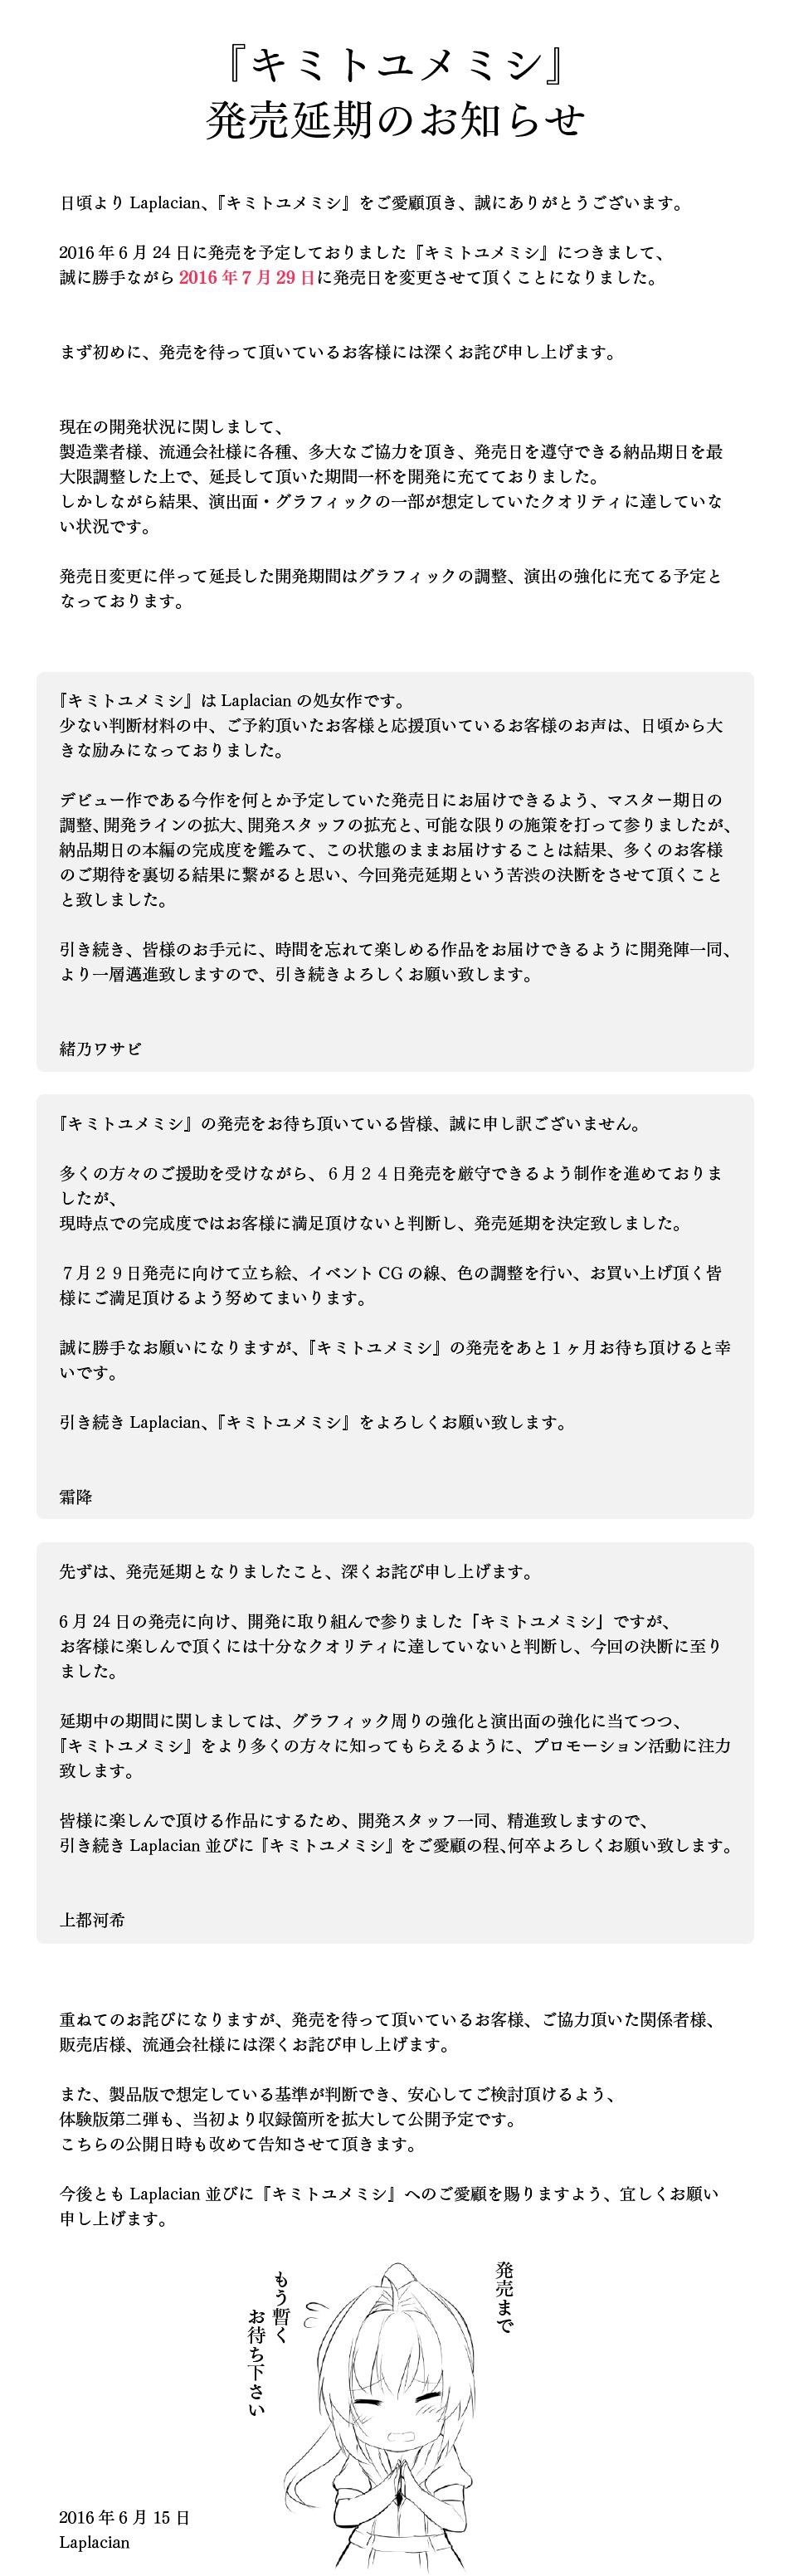 キミトユメミシ 発売延期のお知らせr